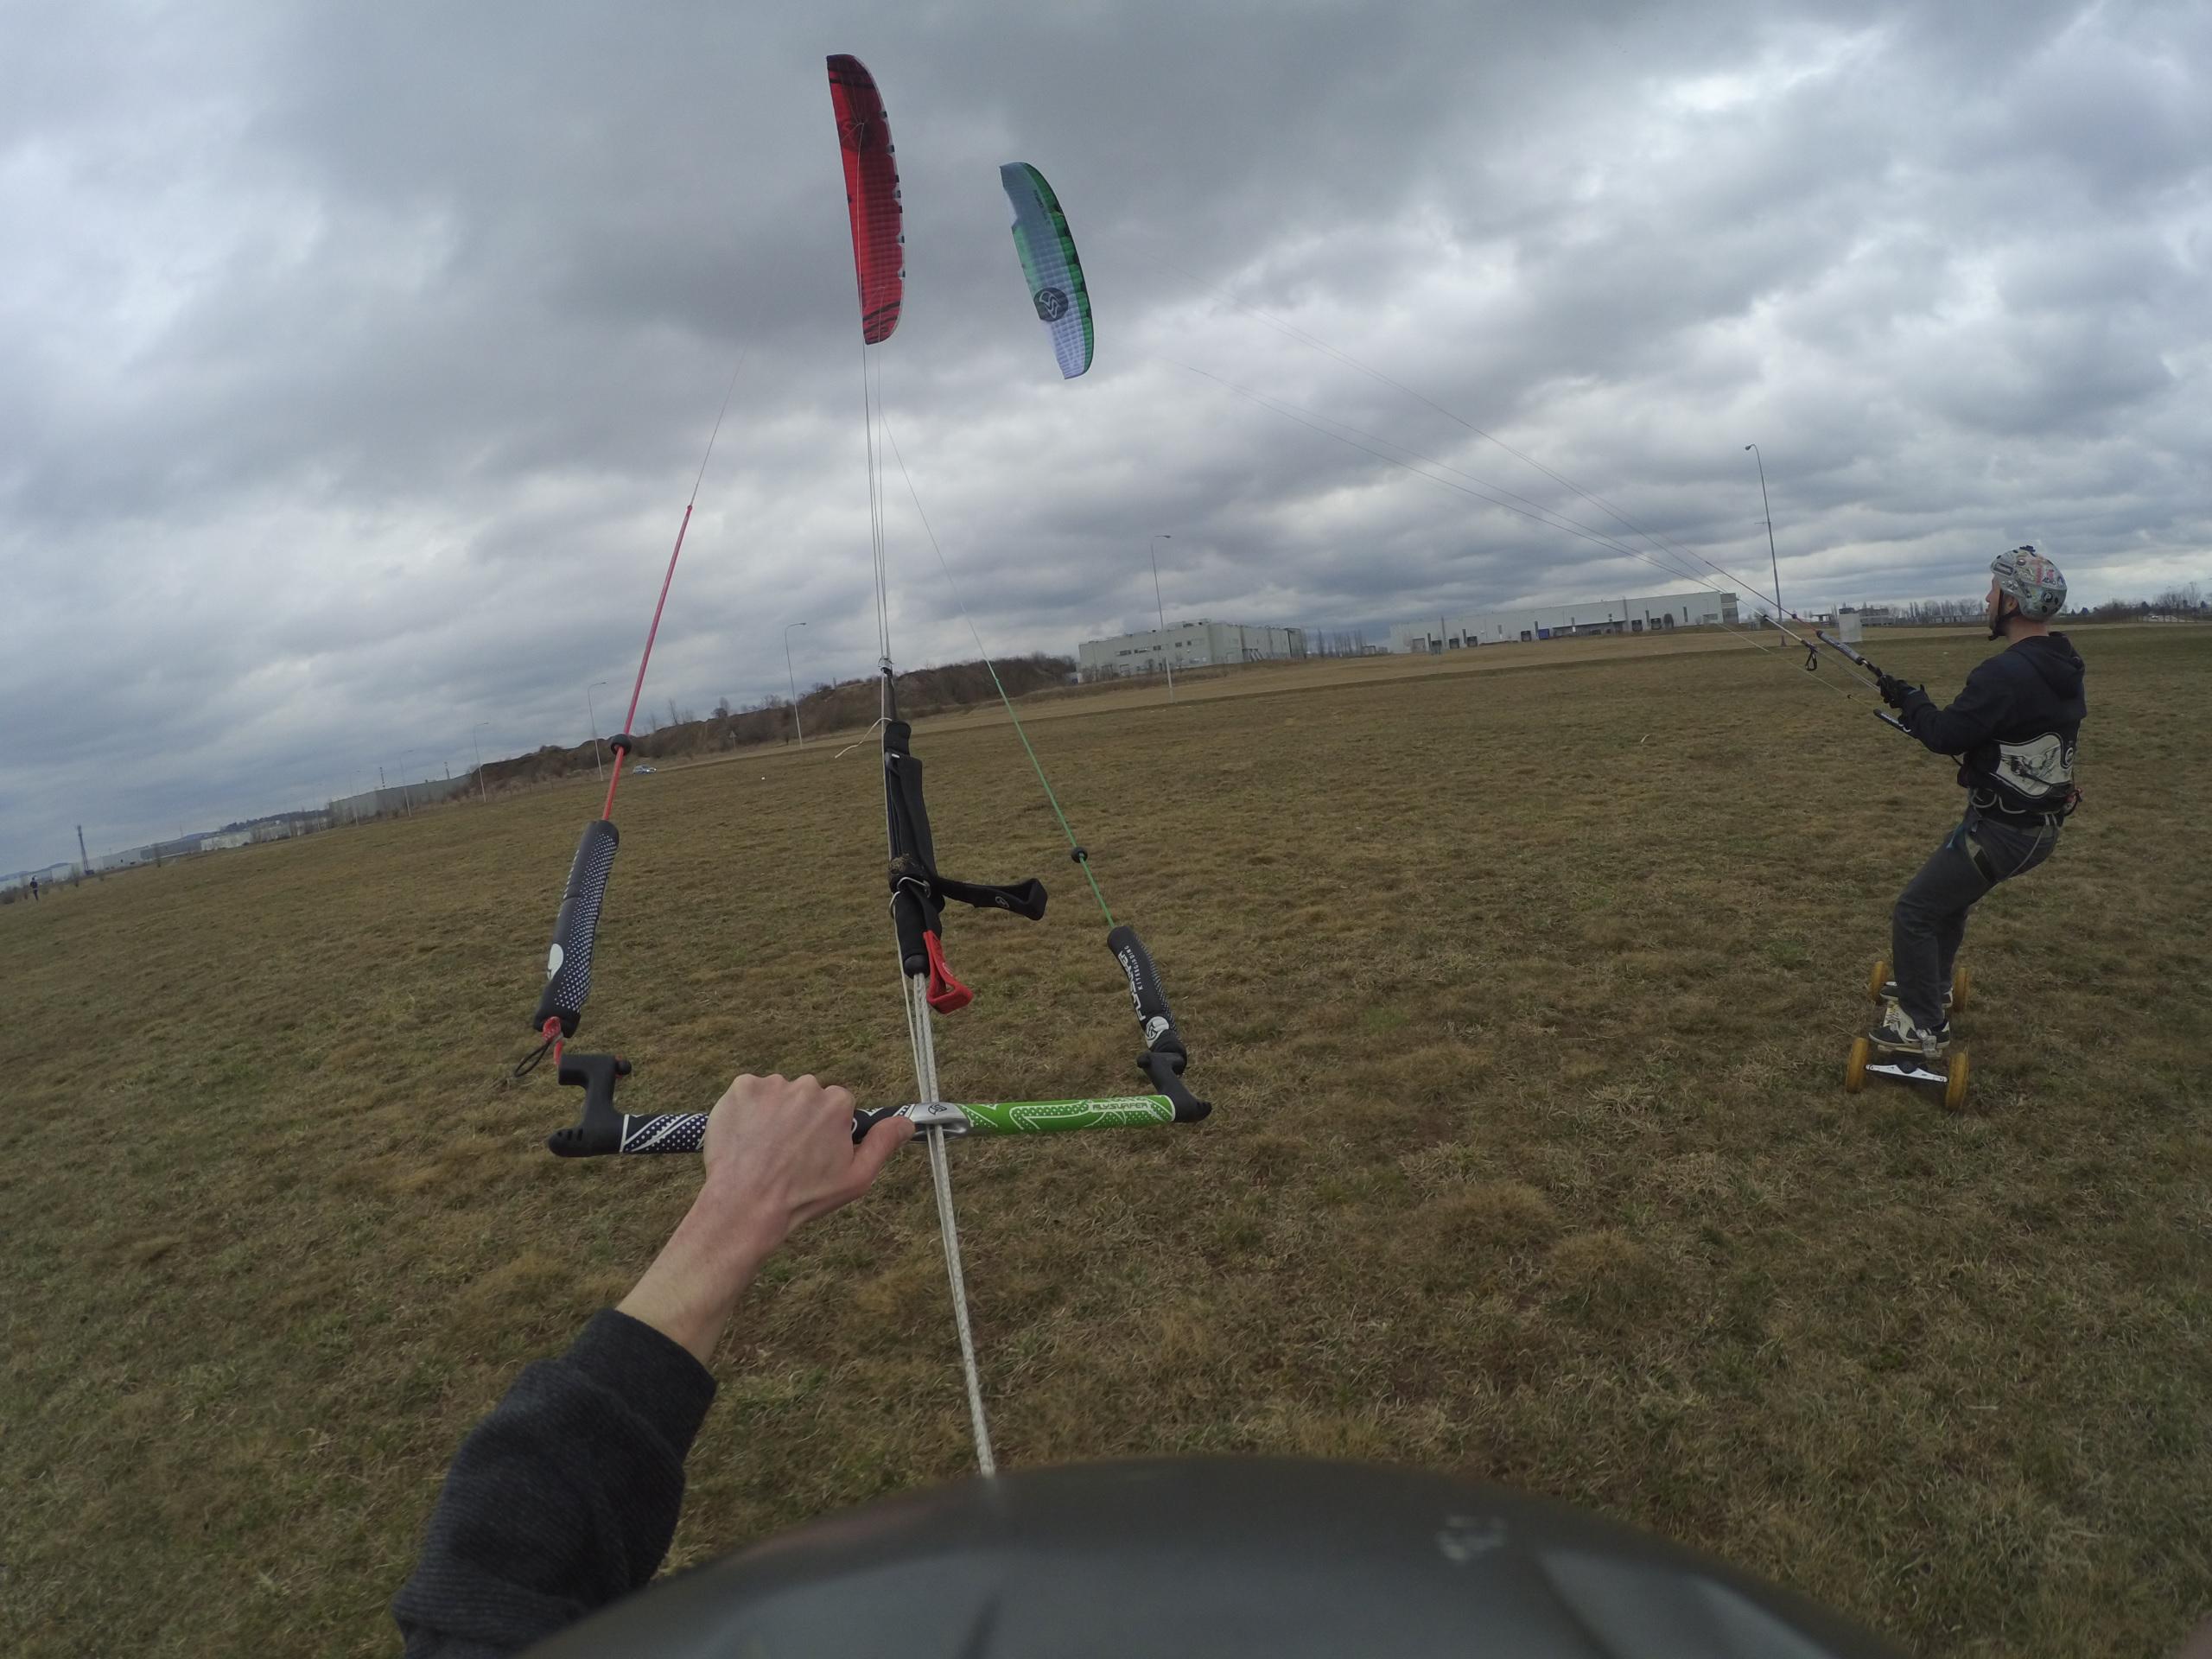 kite-Flysurfer-Soul-test-stihlost-vs-Sonic2.jpg